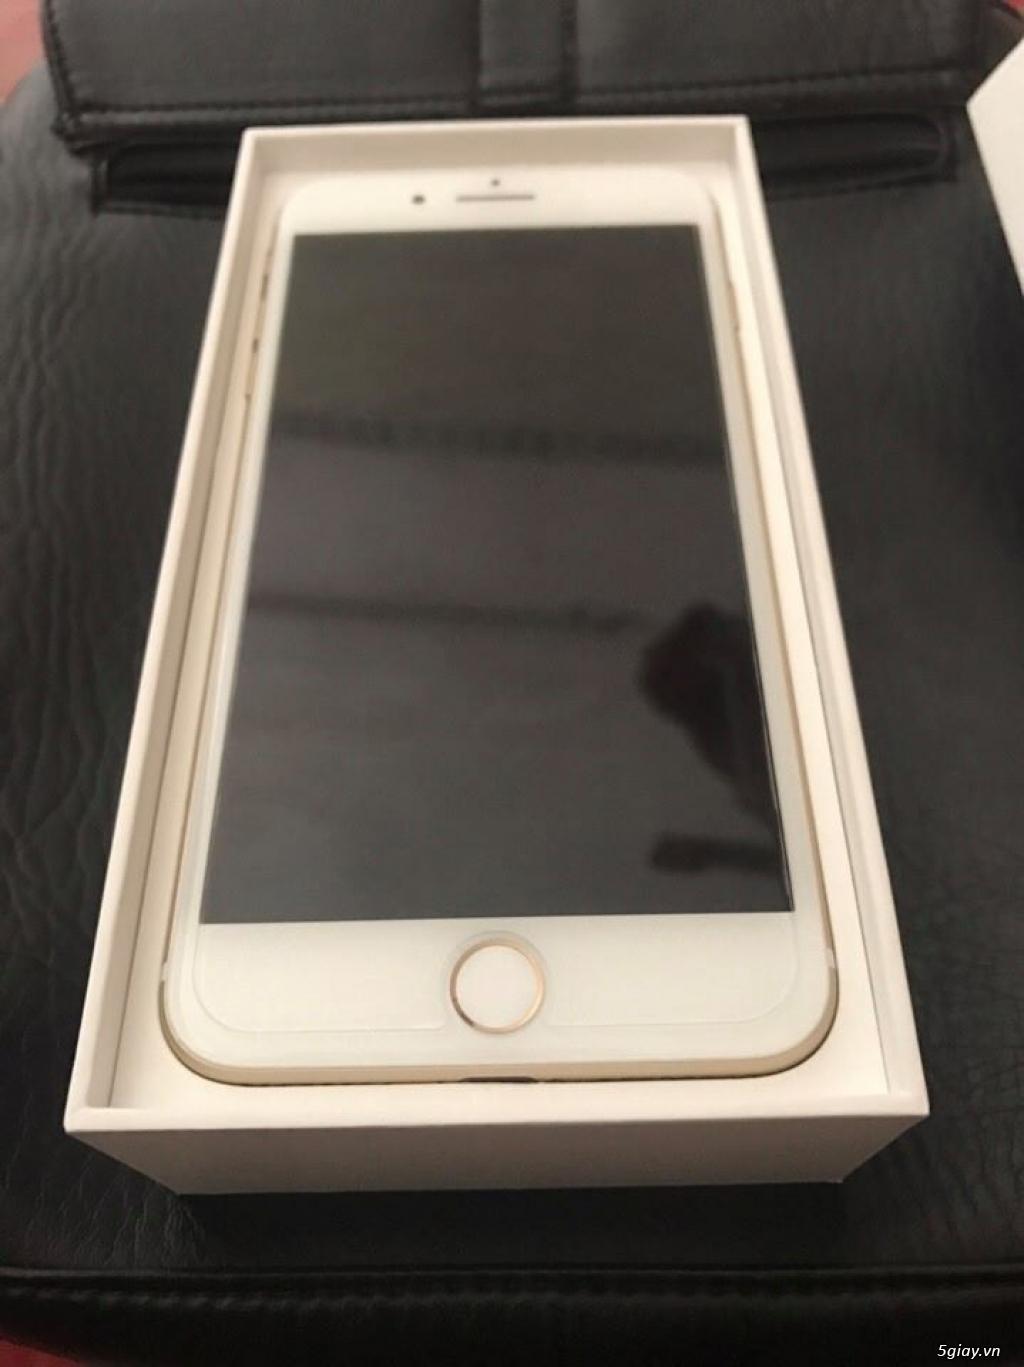 bán Iphone 7 plus 128gb màu gold full box, hàng Mỹ